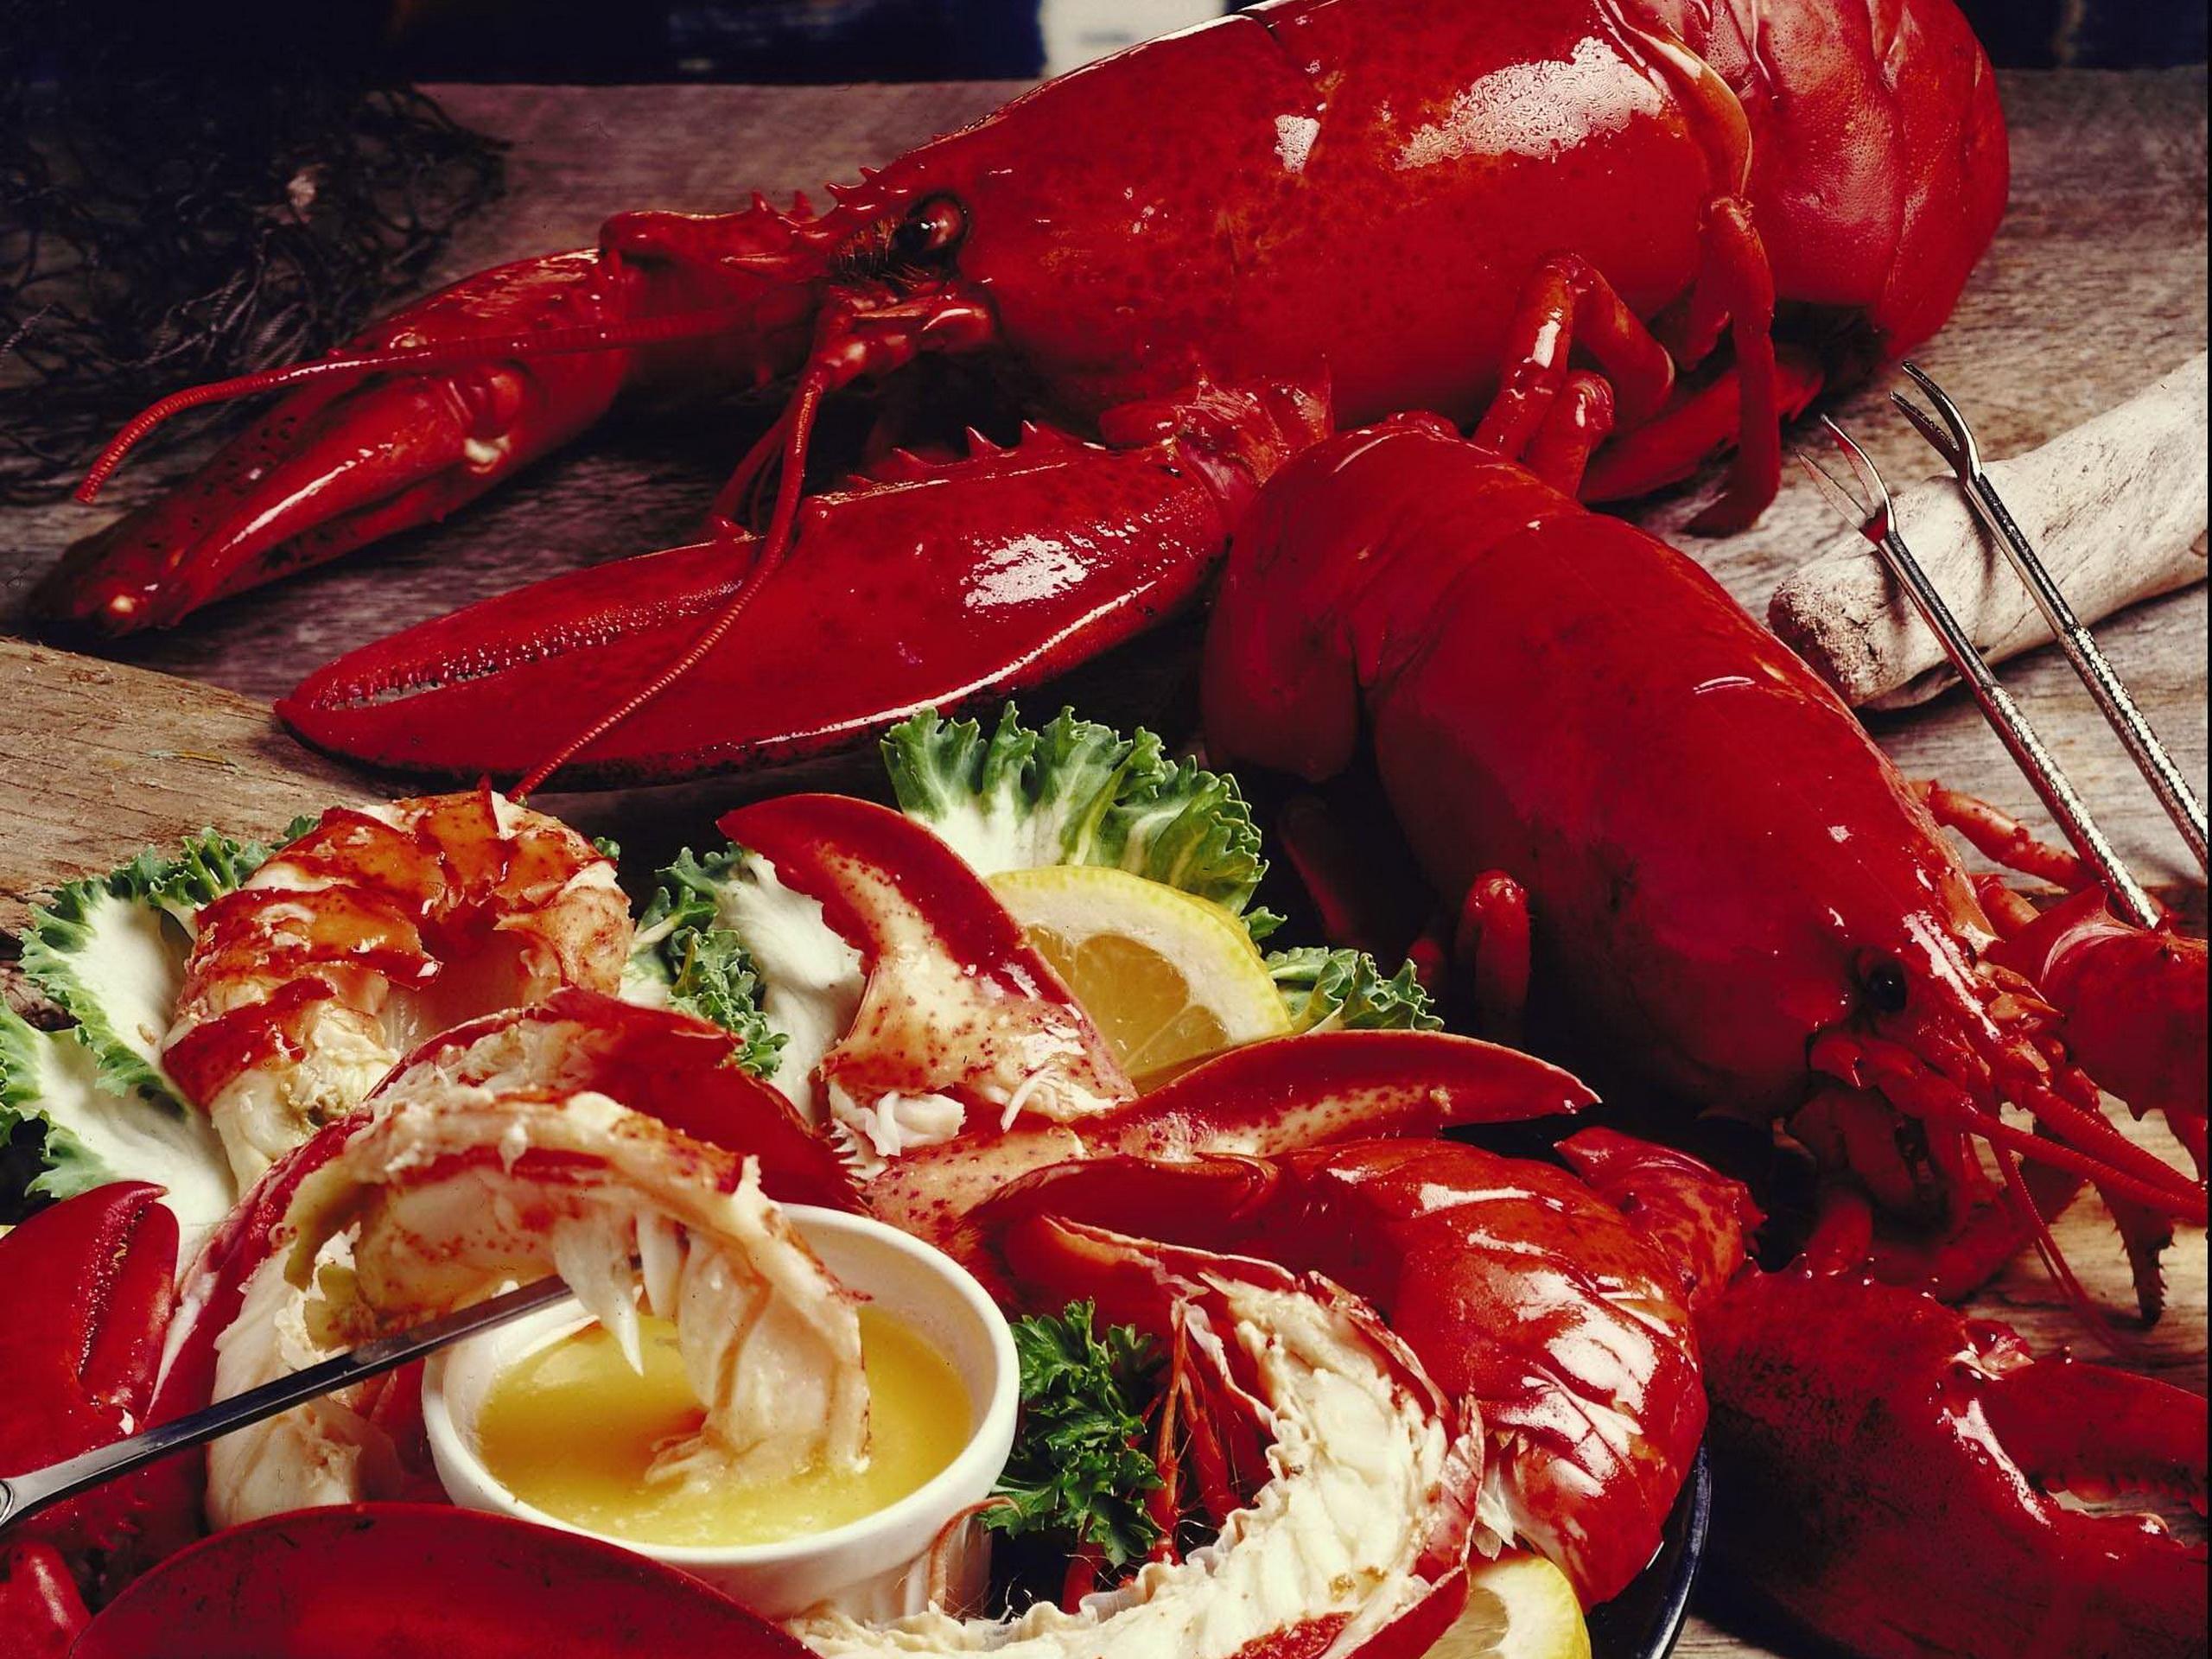 Bildergebnis für best lobster in west palm beach